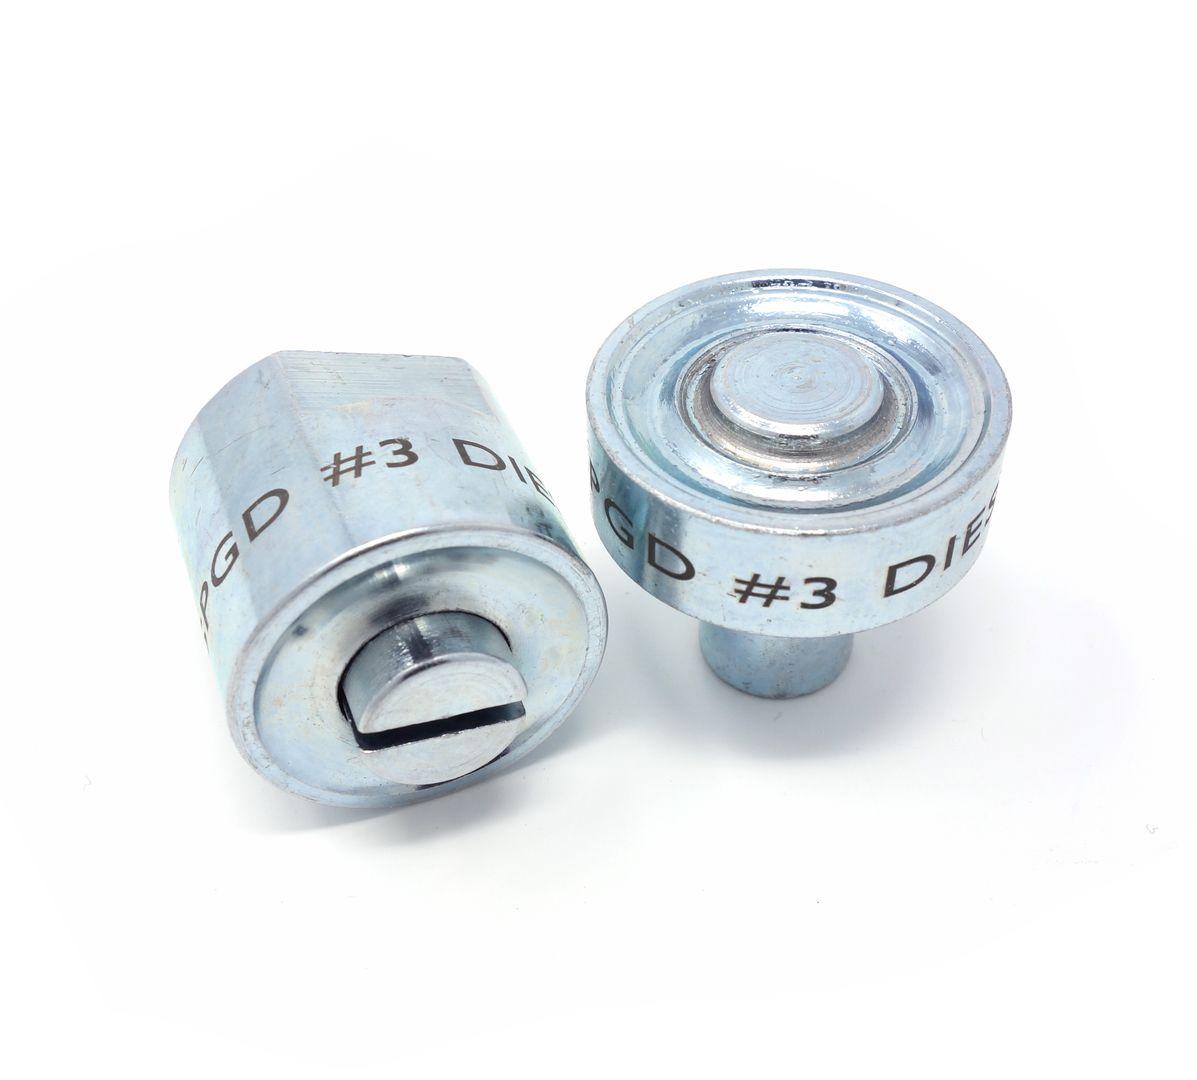 Werkzeug für TEP-3 Ösenpresse zum Ösen – Bild 7